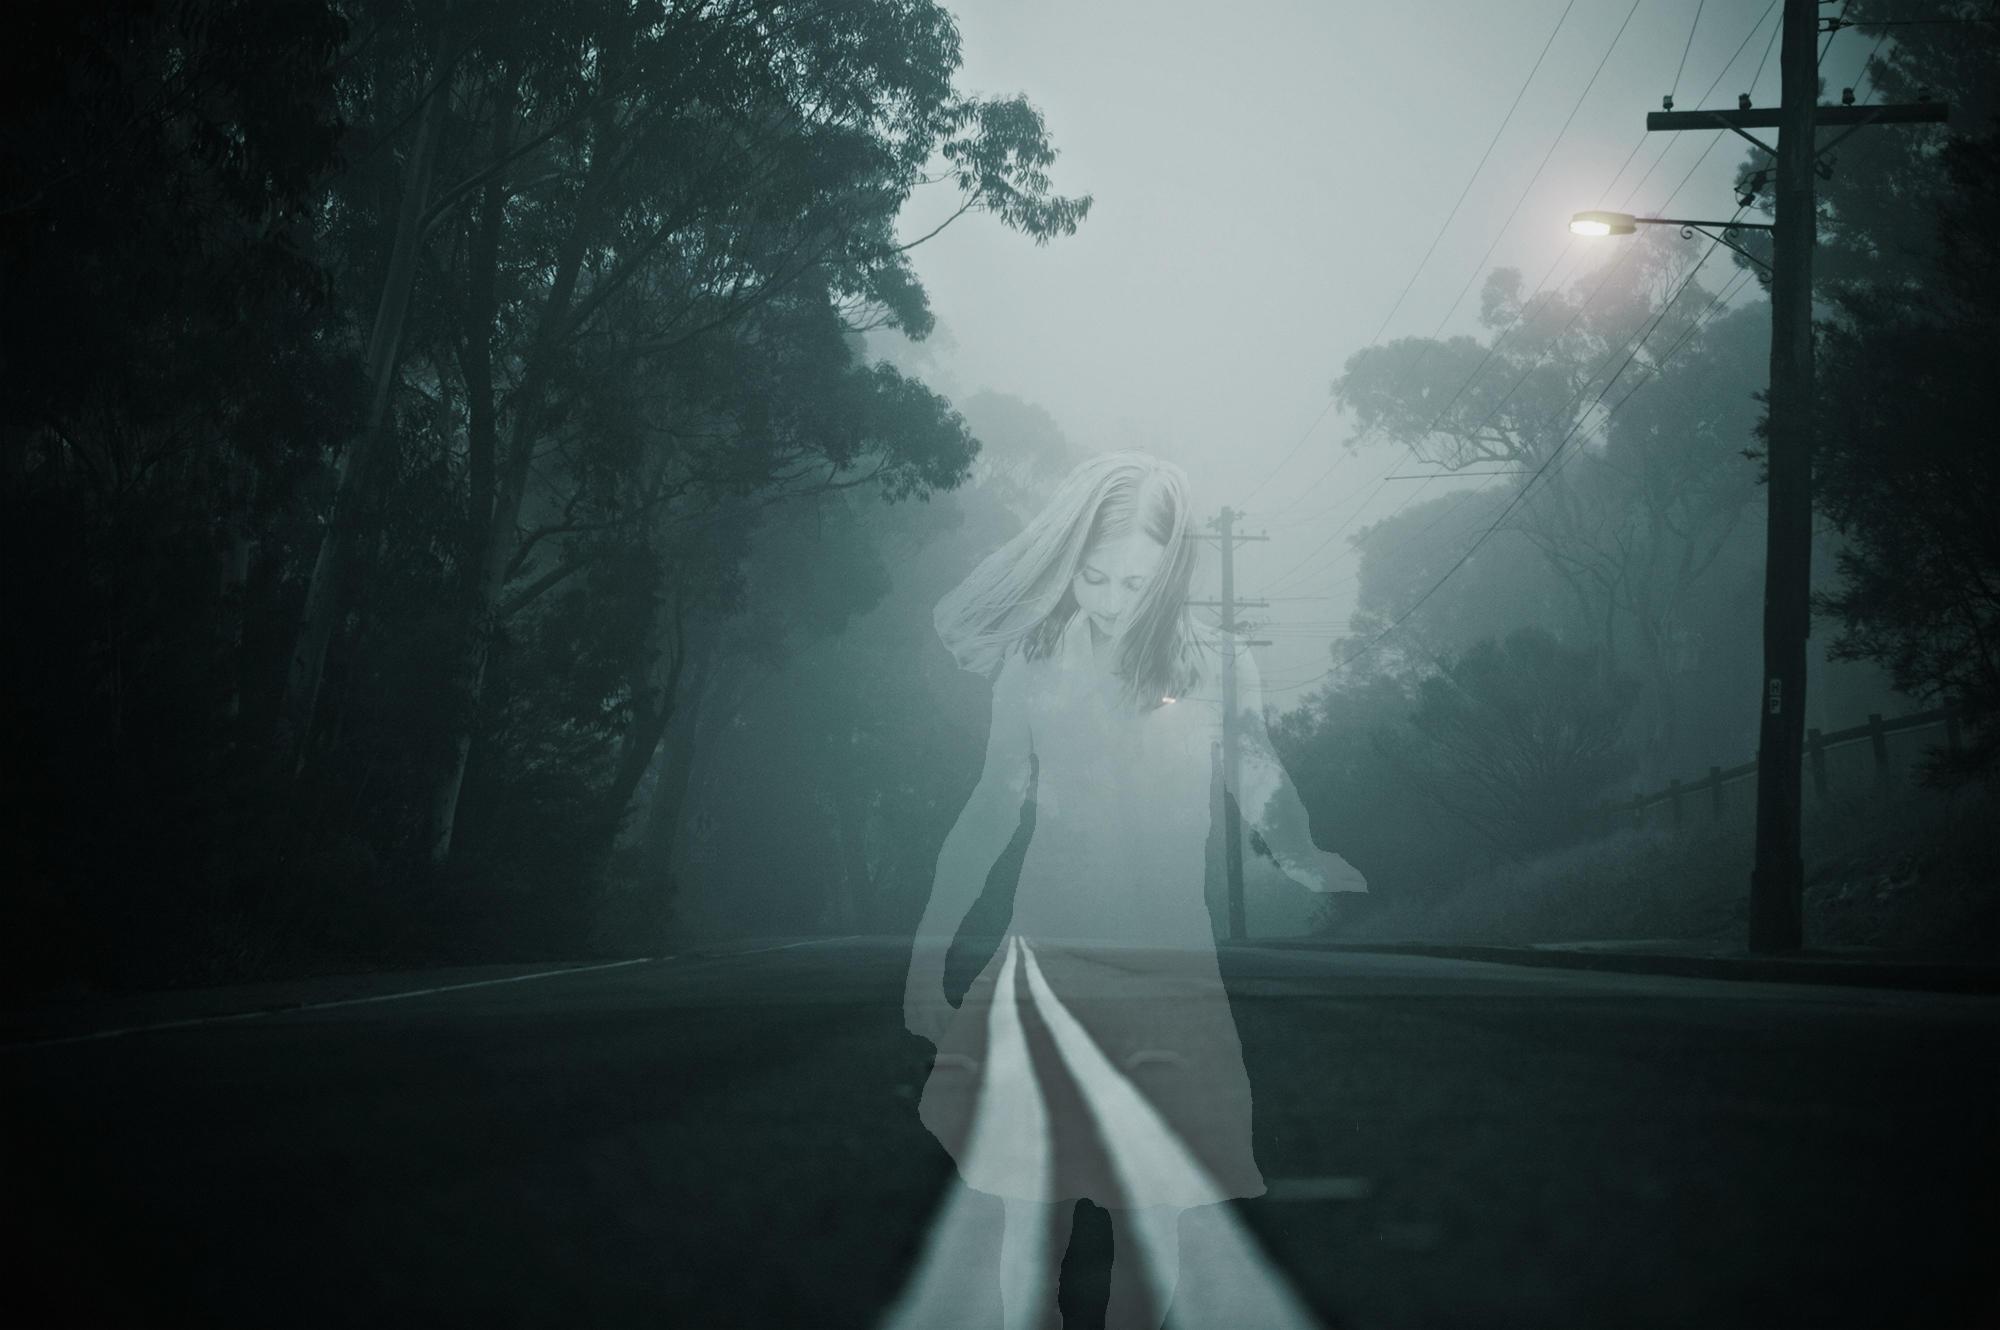 ghost-girl-street.jpg